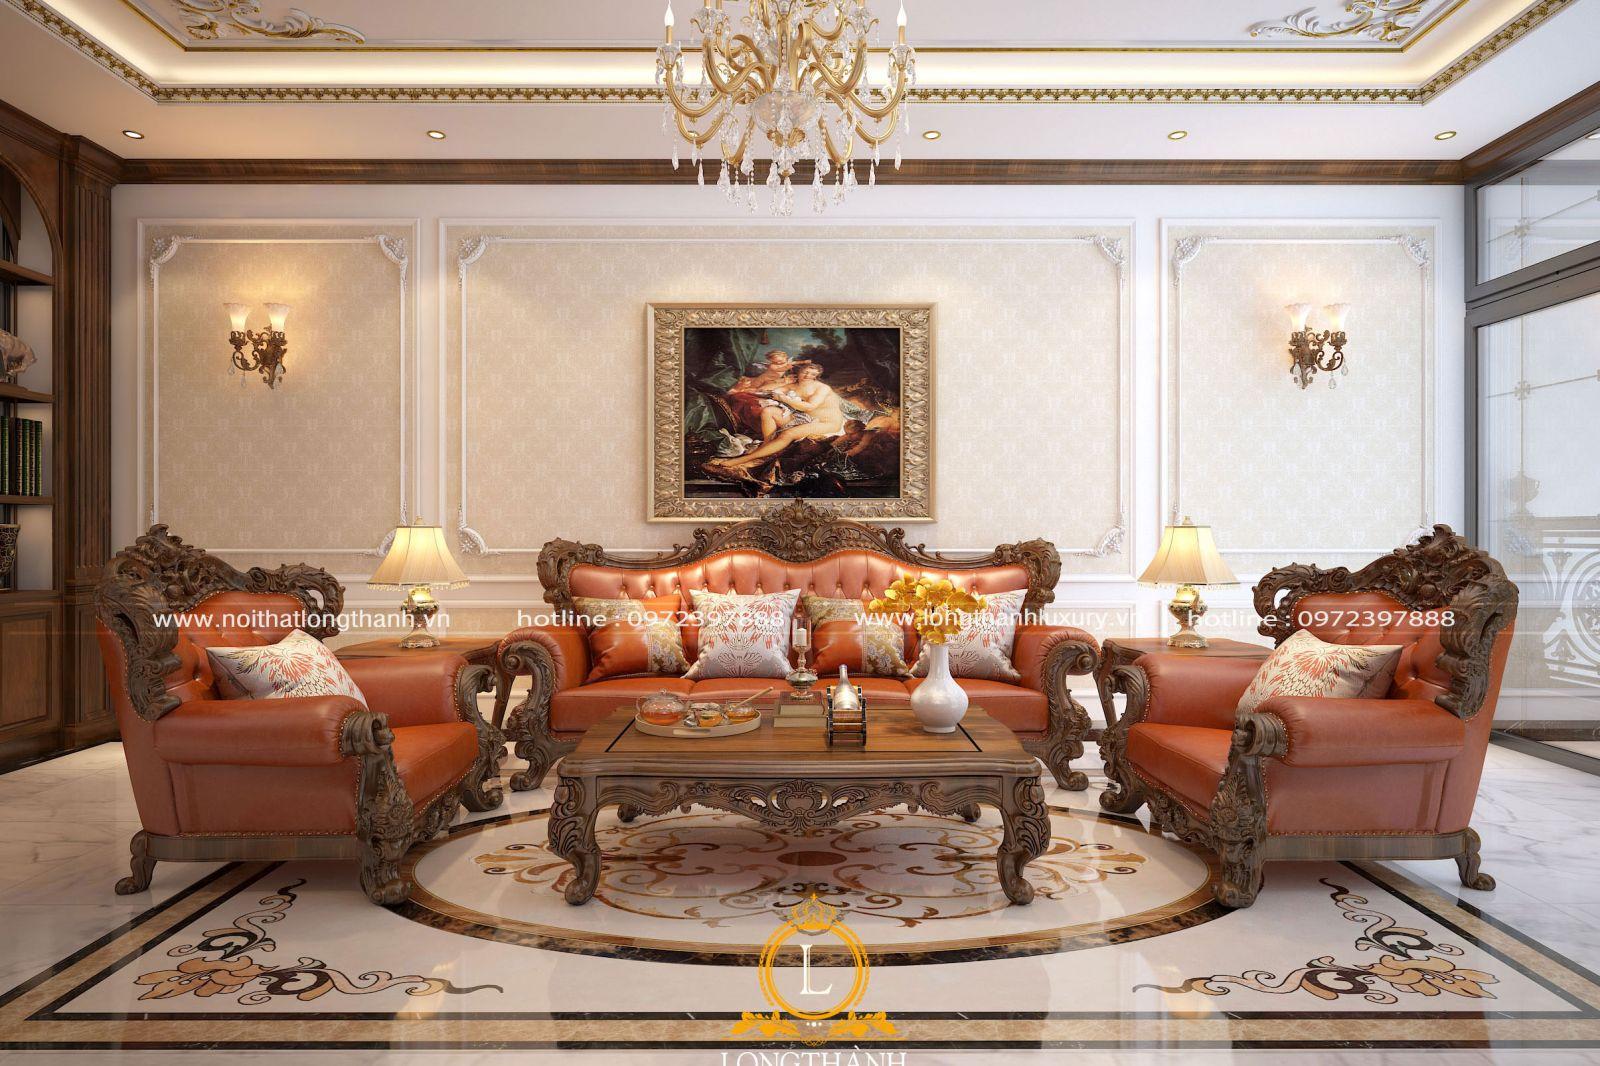 Mẫu sofa tân cổ điển đẹp với màu sắc bắt mắt phù hợp với không gian